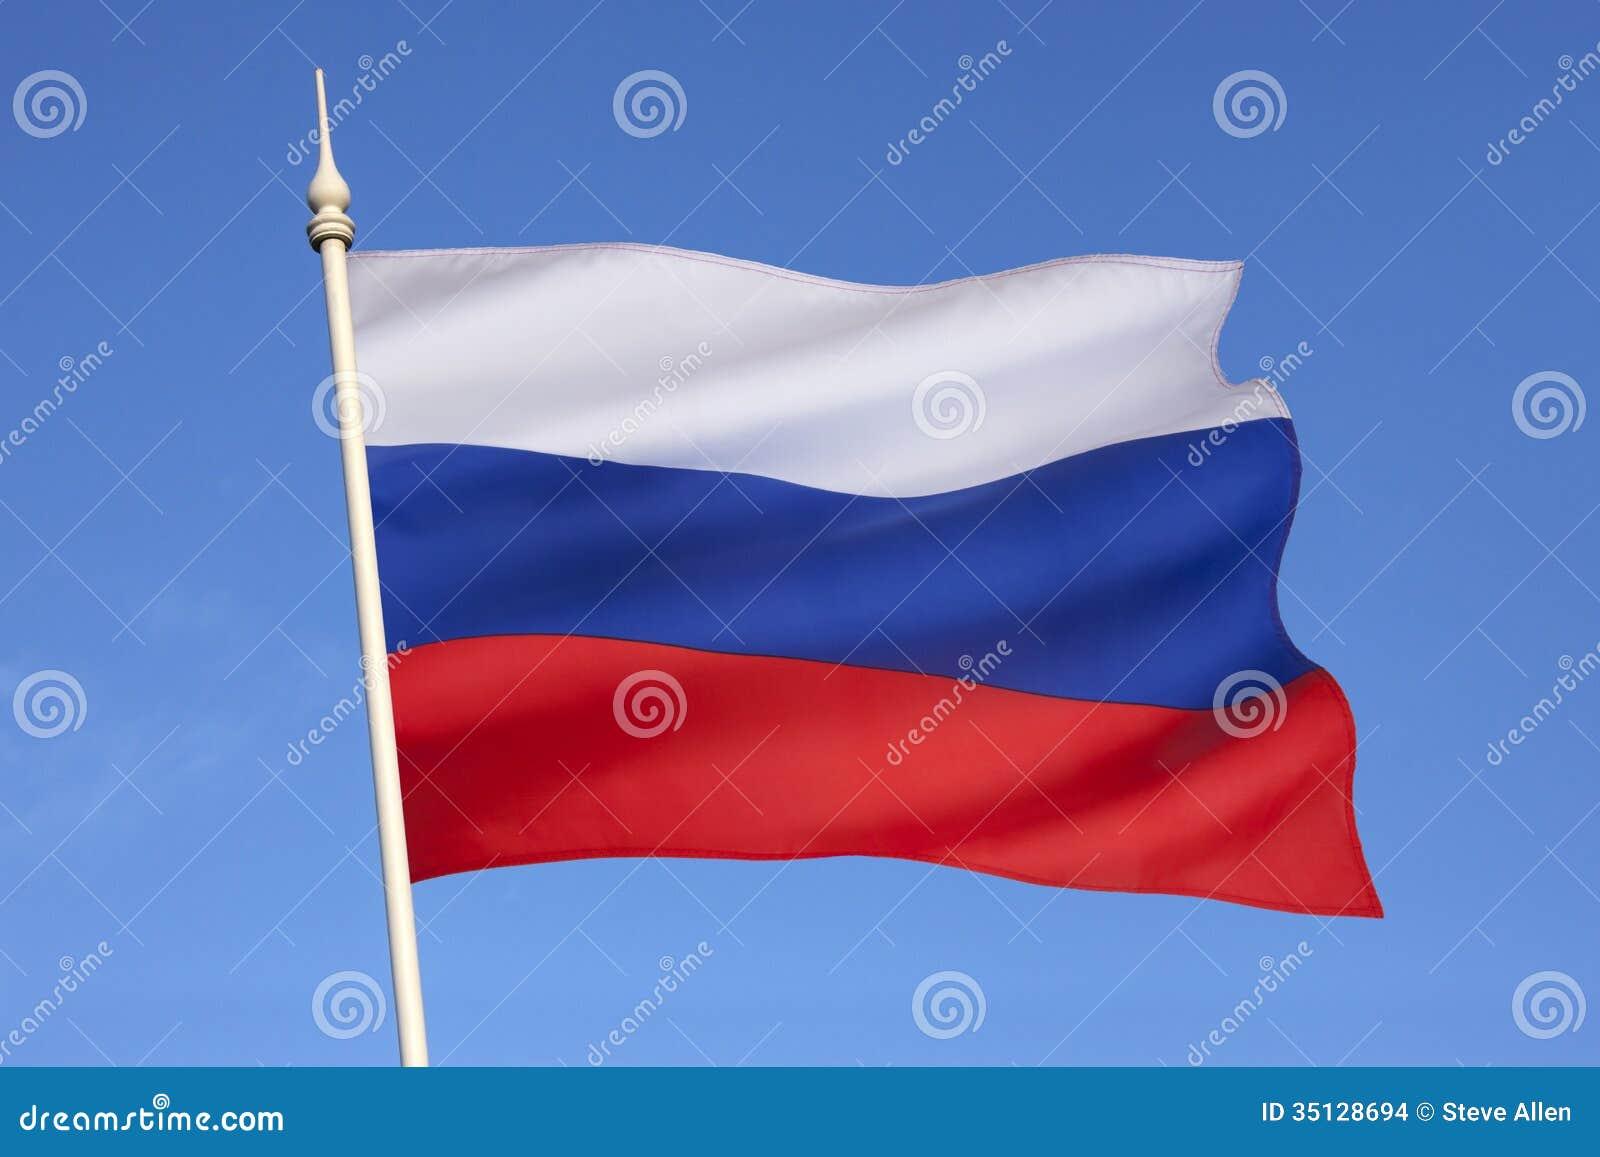 Adozione in Federazione Russa e Paesi dellEst - Home